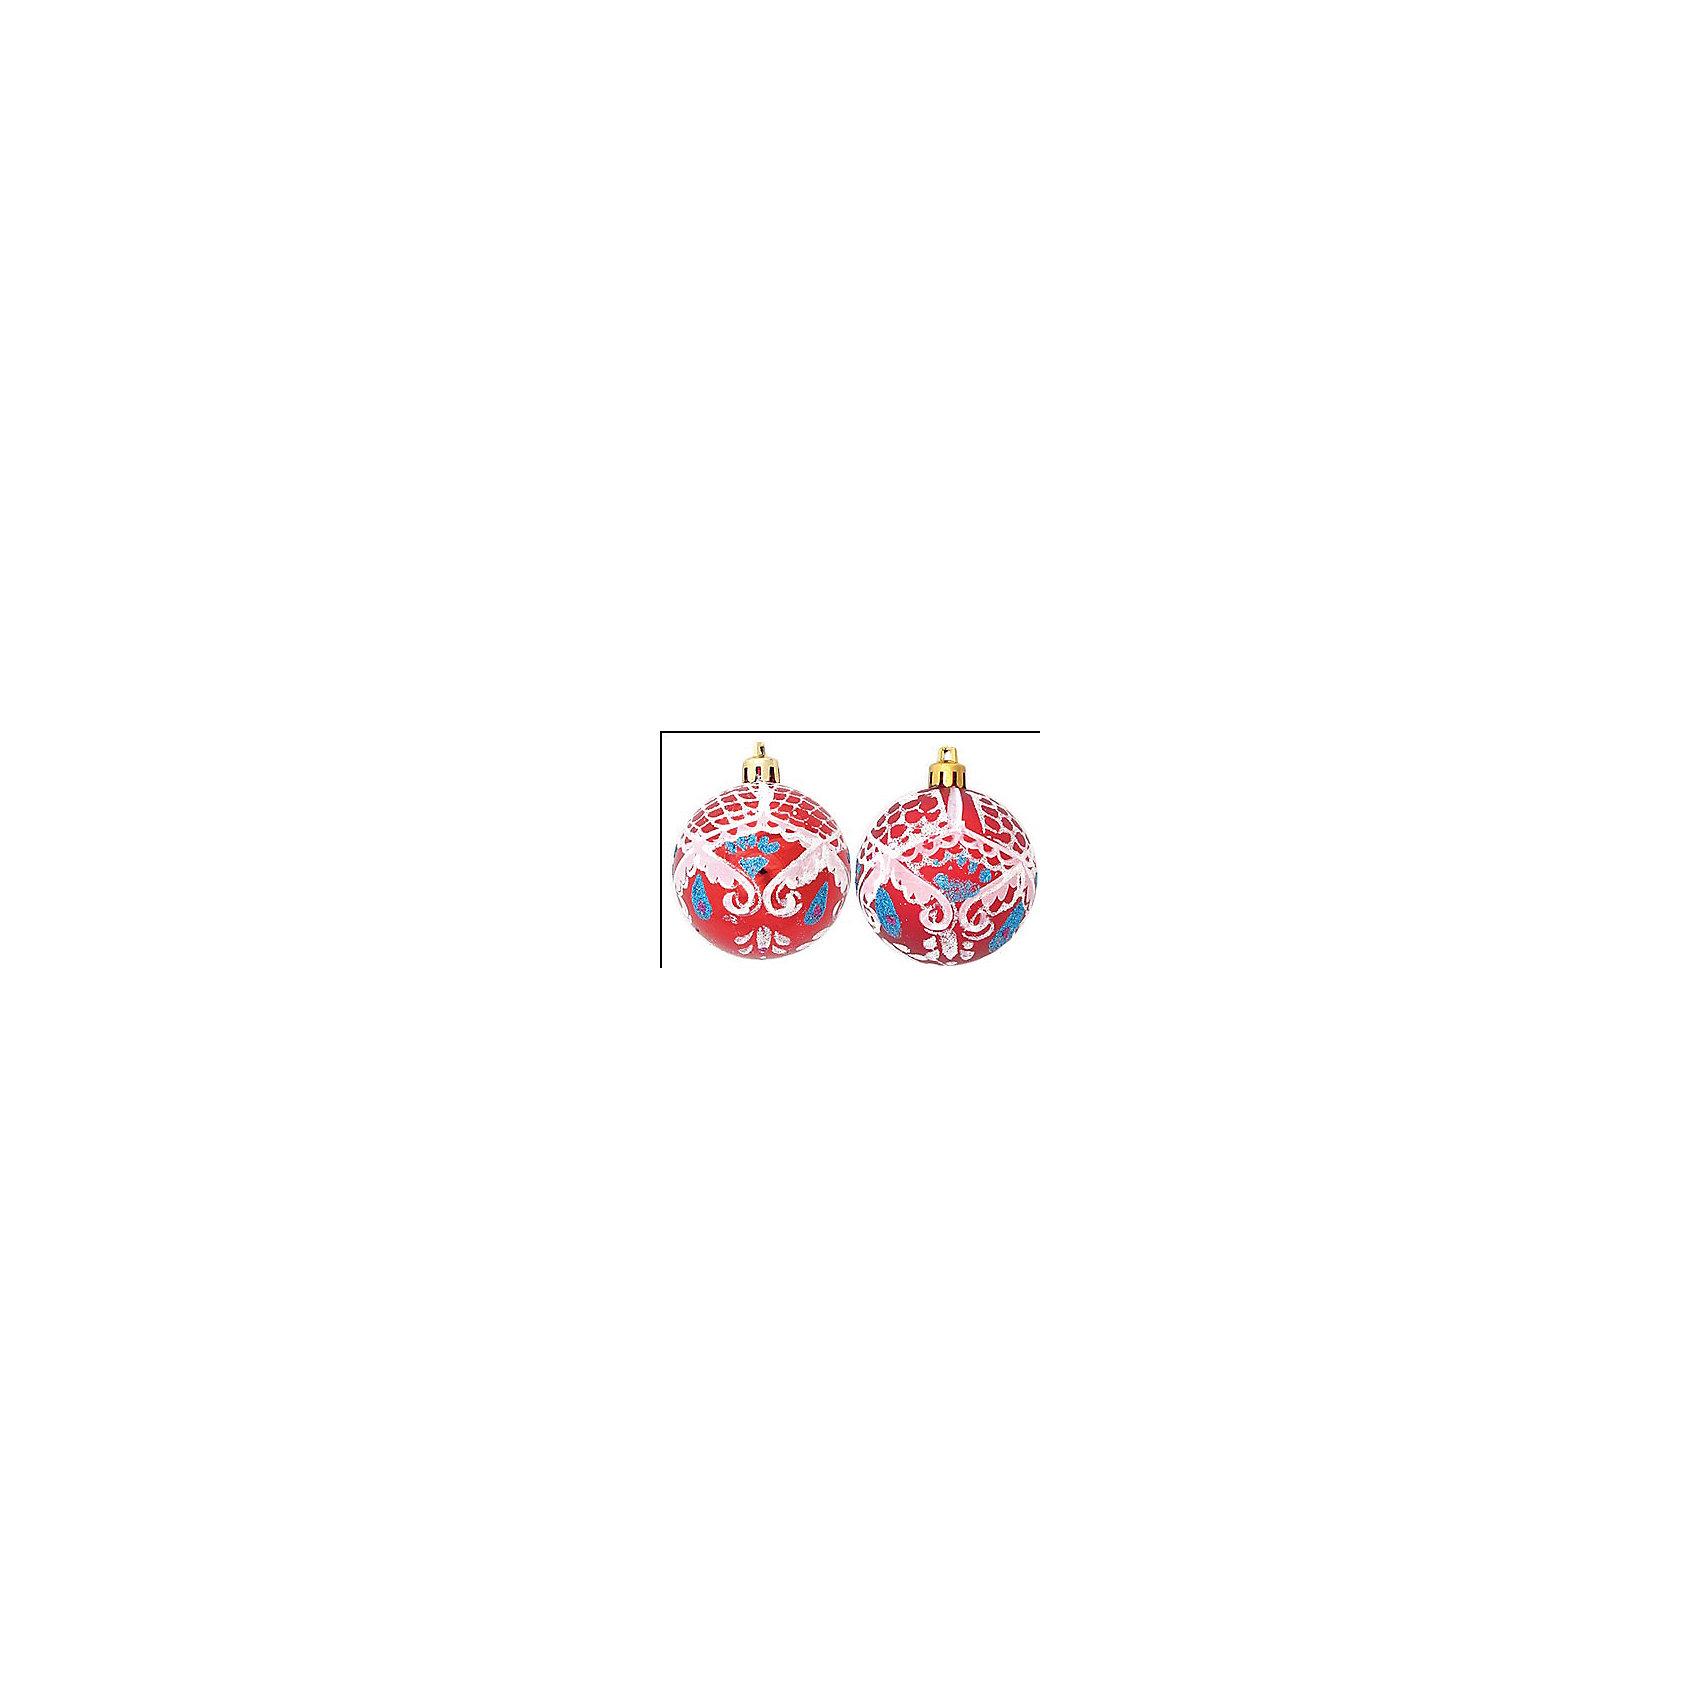 Marko Ferenzo Набор шаров Русский 6 см, 8 шт, красный marko ferenzo набор желудей 3 шт grande 4 см золотой